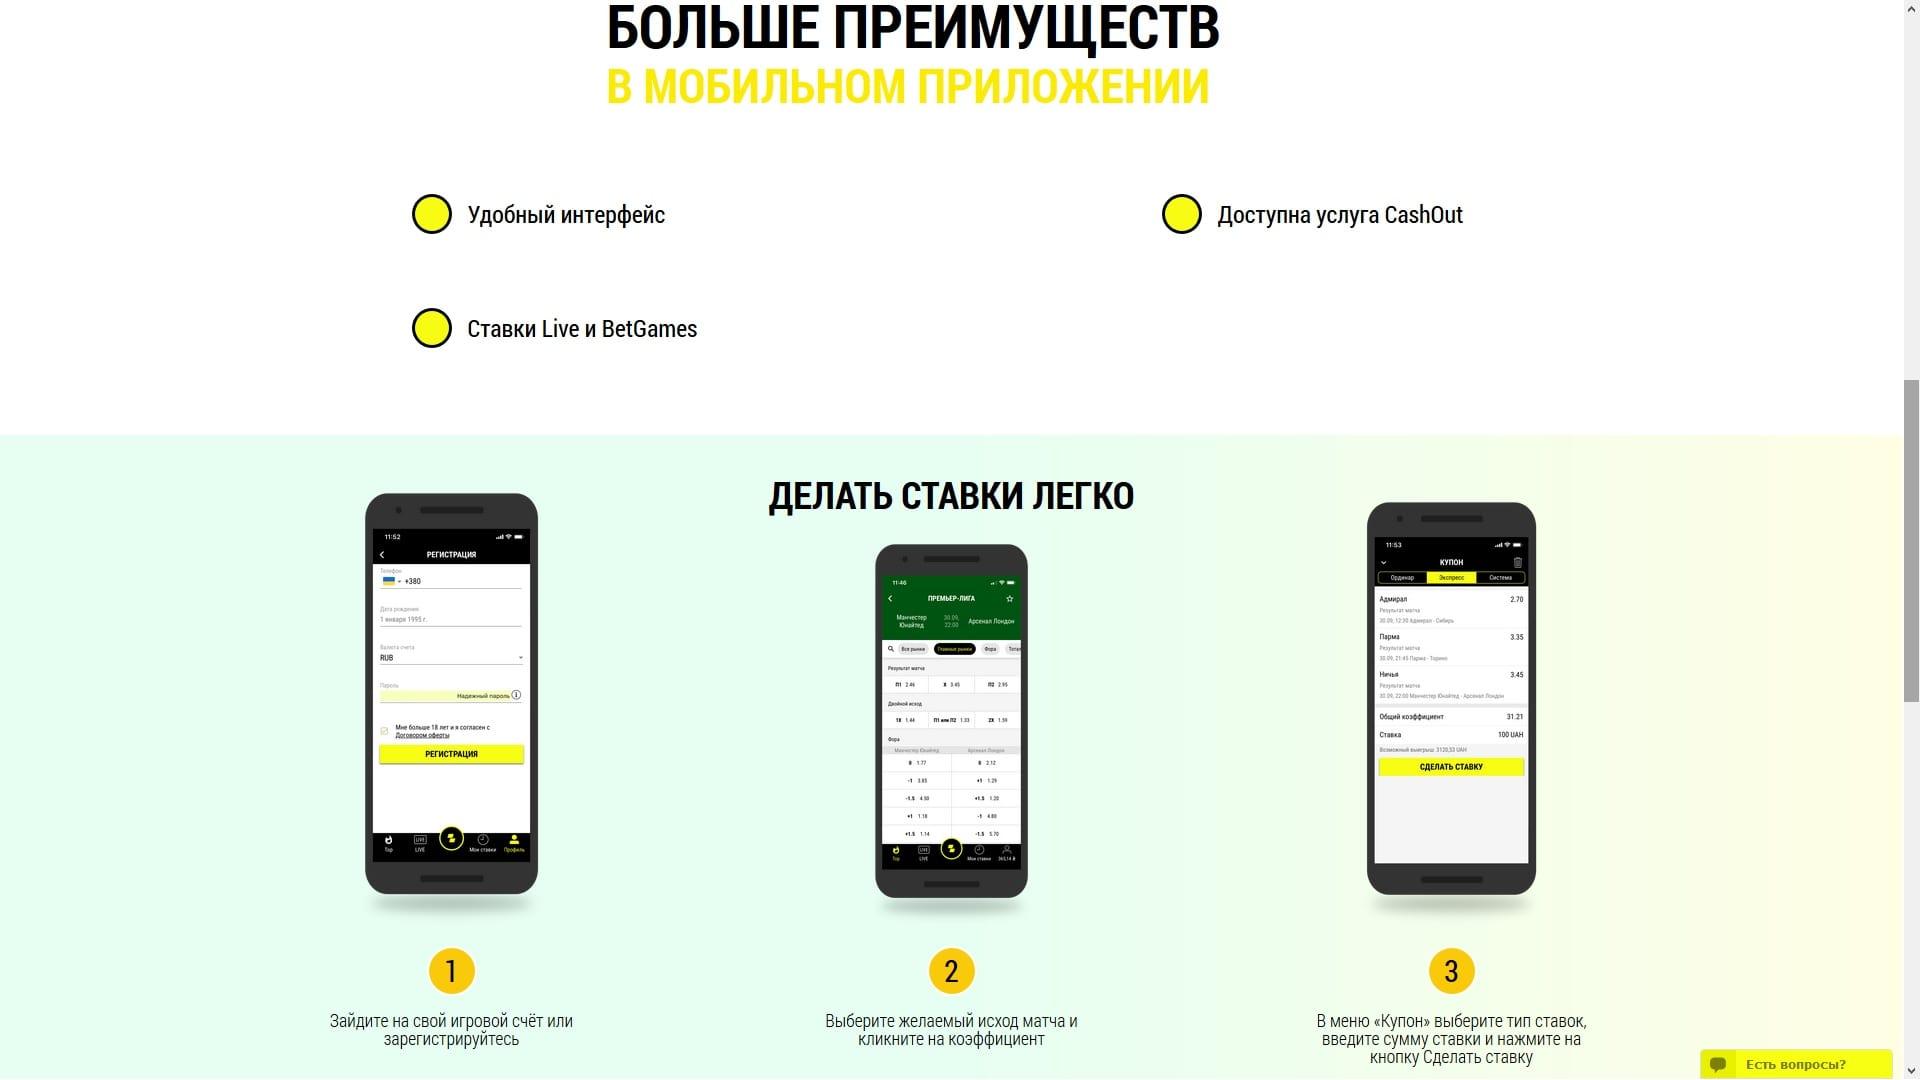 Преимущества приложения Parimatch для iOS